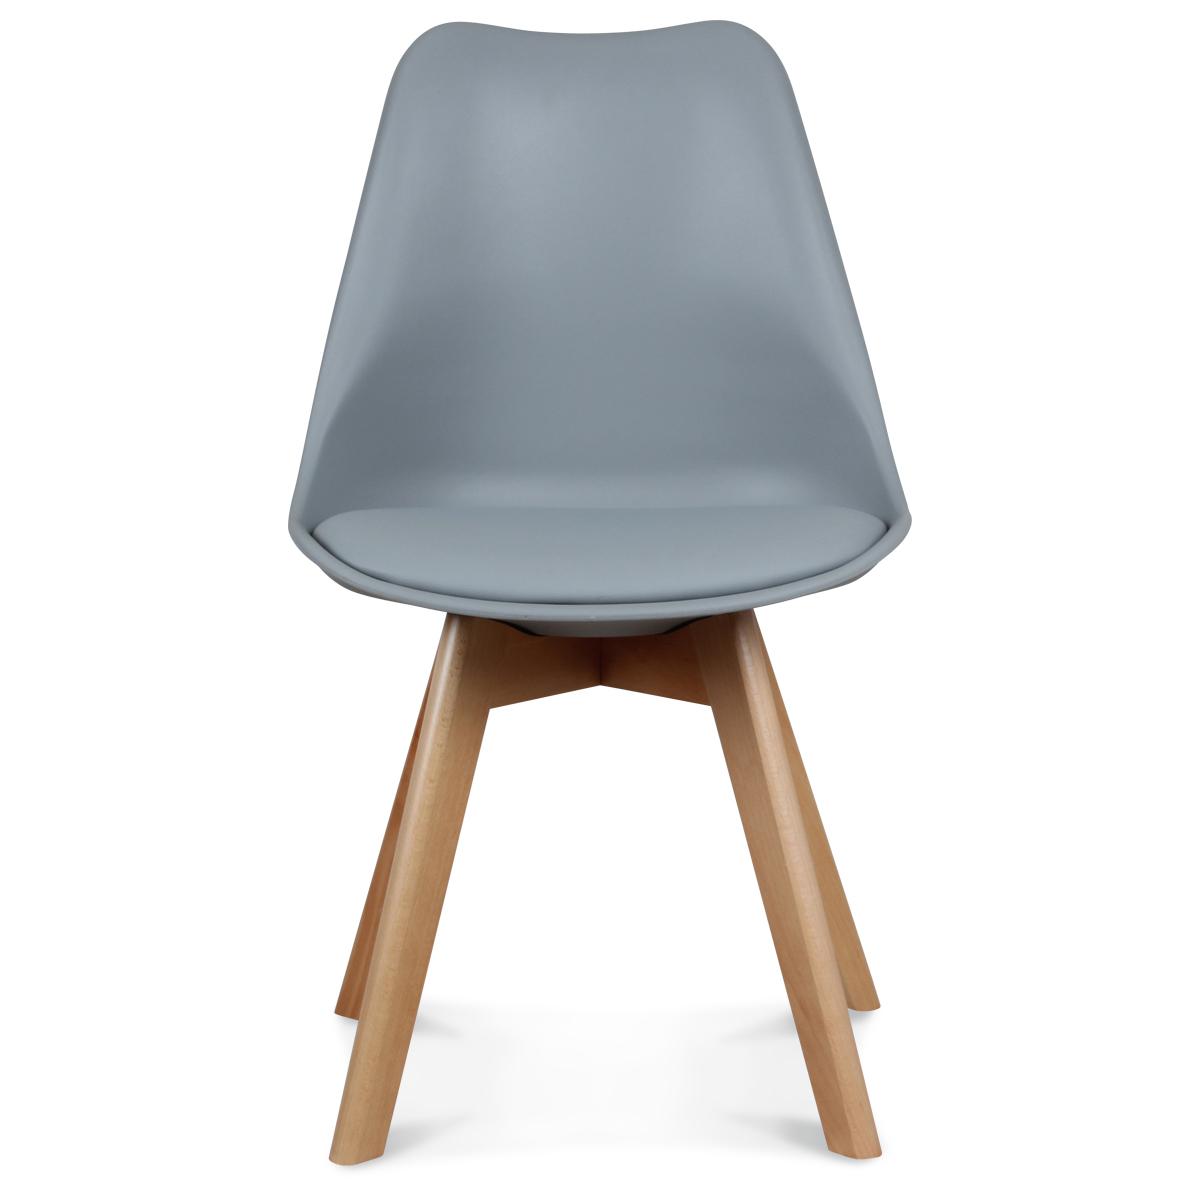 Chaise Design Grise Style Scandinave TOUNDRA Demeure et